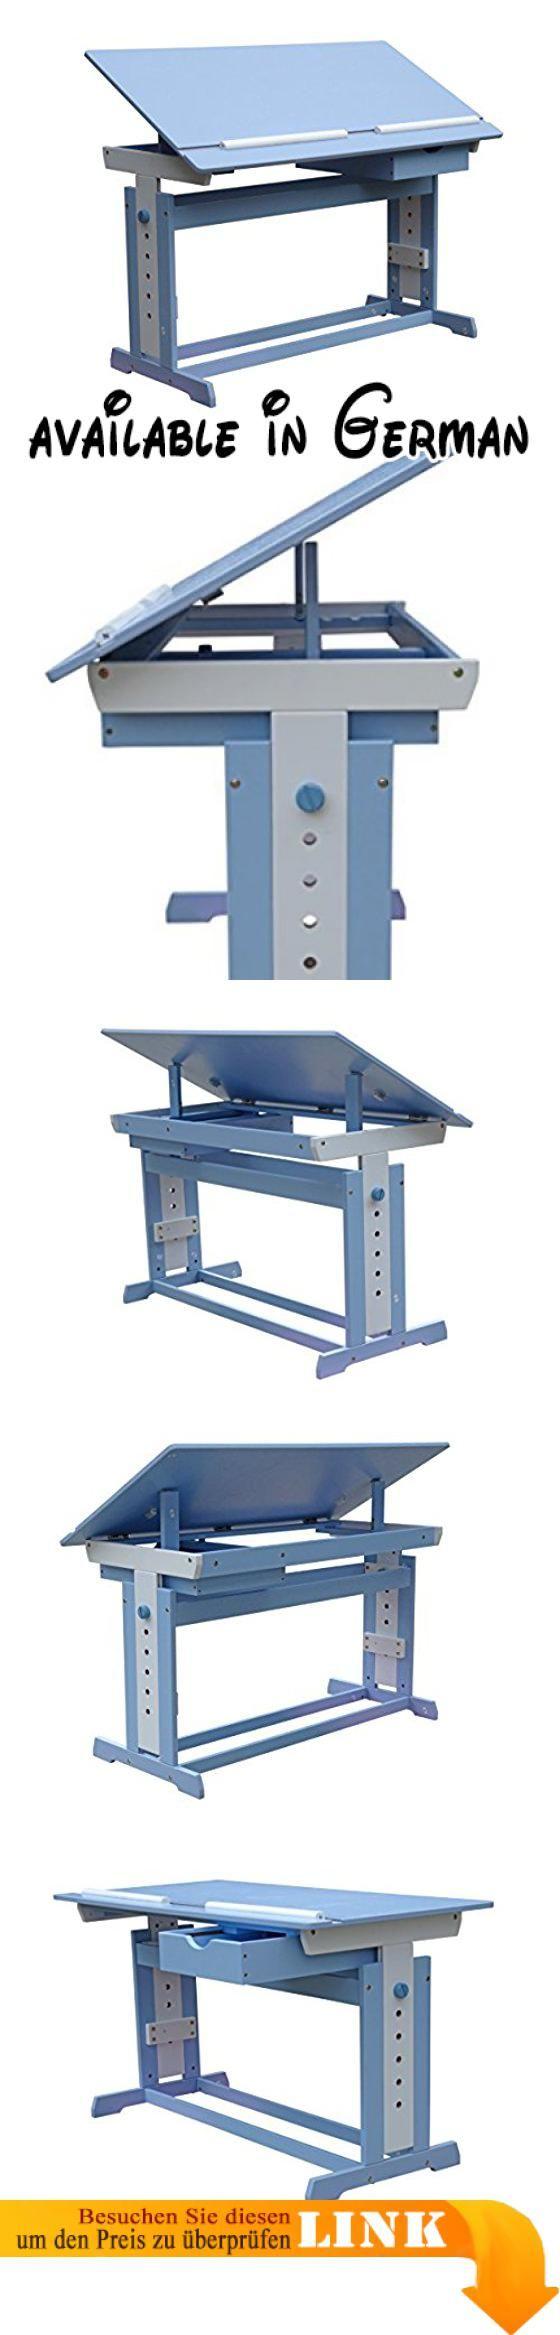 Schreibtisch Kinder Jugend Schreib Tisch höhenverstellbar und neigbar Blau/Weiß. Kippbare Tischplatte (erleichtert Ihrem Kind so das Arbeiten). Zwei Leisten an der Unterseite der Tischplatte verhindern, dass das Arbeitsmaterial bei gekippter Tischplatte herunterfällt. Höhenverstellbare Tischbeine, Höhe verstellbar von ca. 62 bis 88 cm. Tischfläche: ca. 109 x 55 cm. Material: MDF - Holz (lackiert) #Furniture #HOME_FURNITURE_AND_DECOR